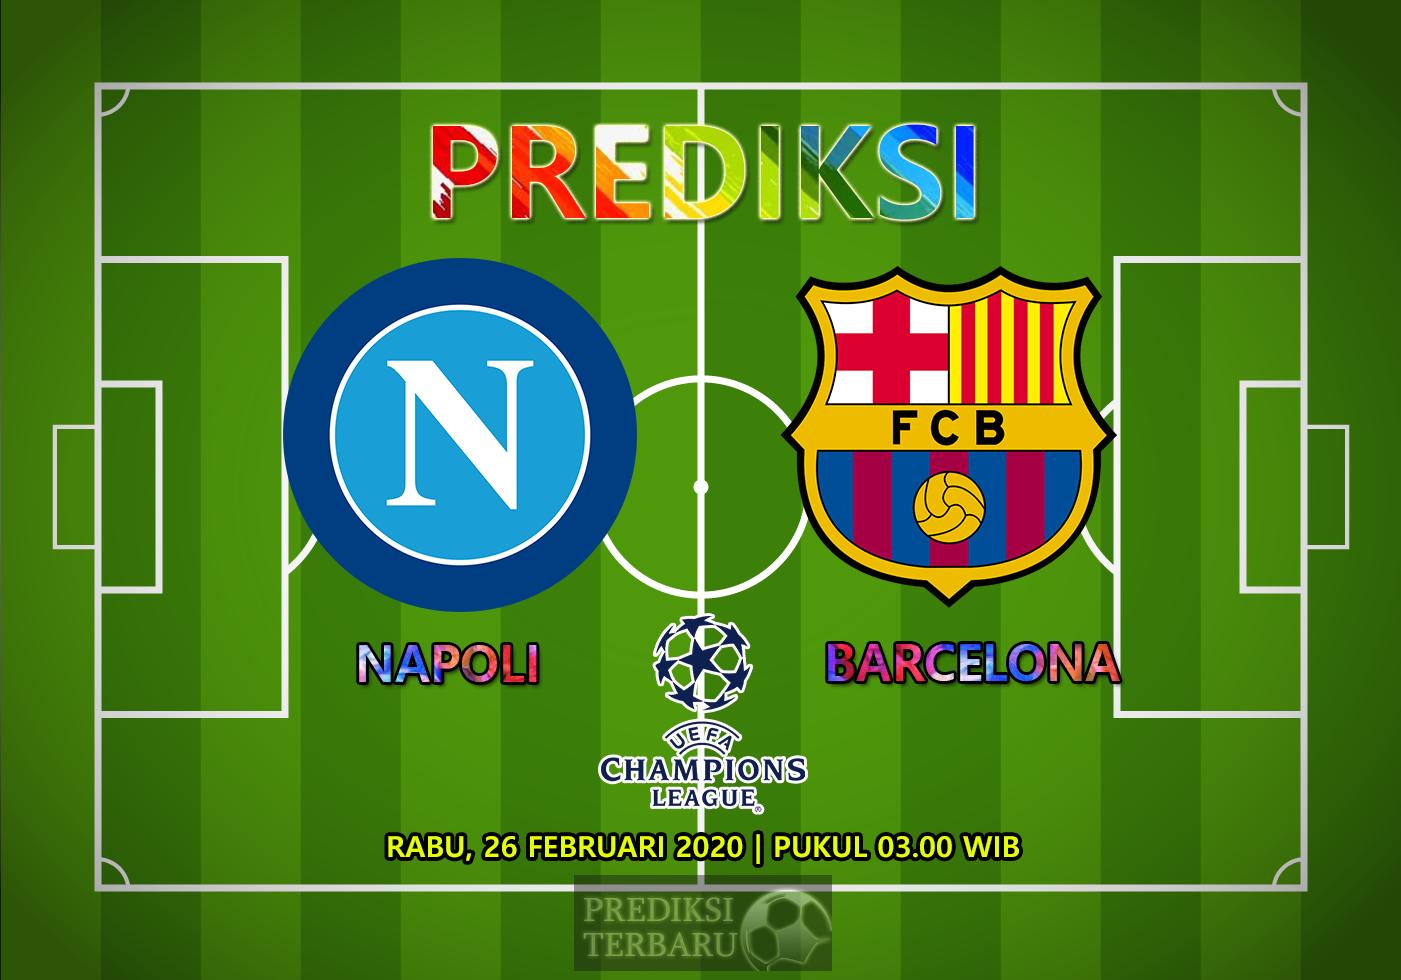 Prediksi Napoli Vs Barcelona, Rabu 26 Februari